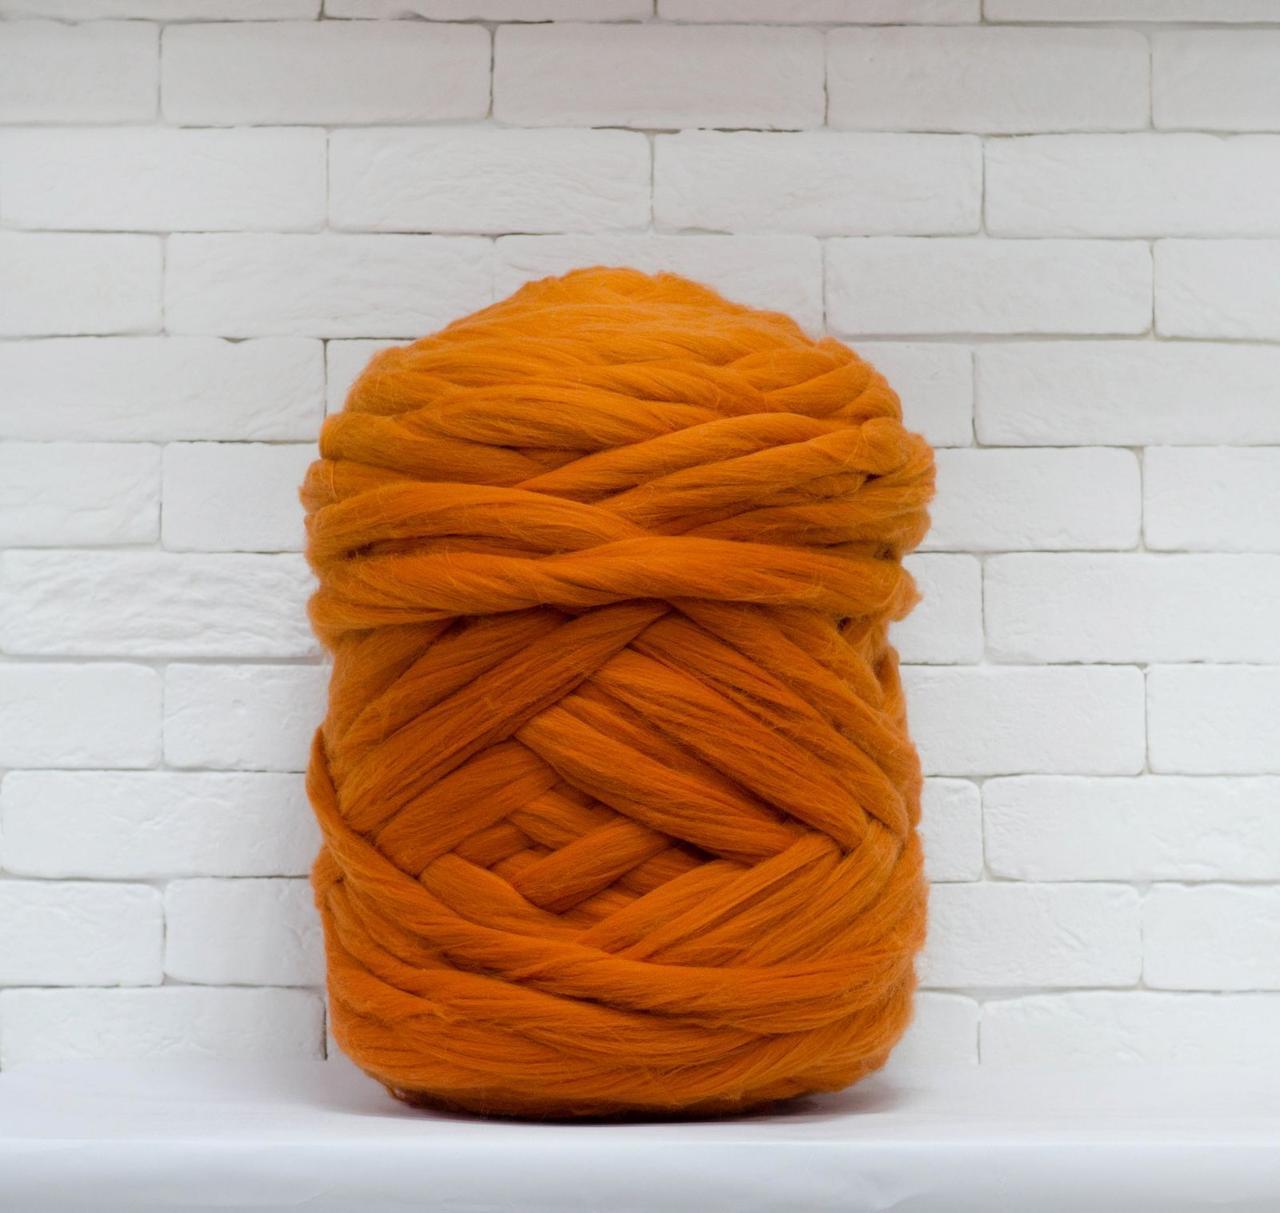 Товста, велика пряжа 100% вовна 1кг (40м). Колір: Морквяний. 28 мкрн. Топсі. Стрічка для пледів